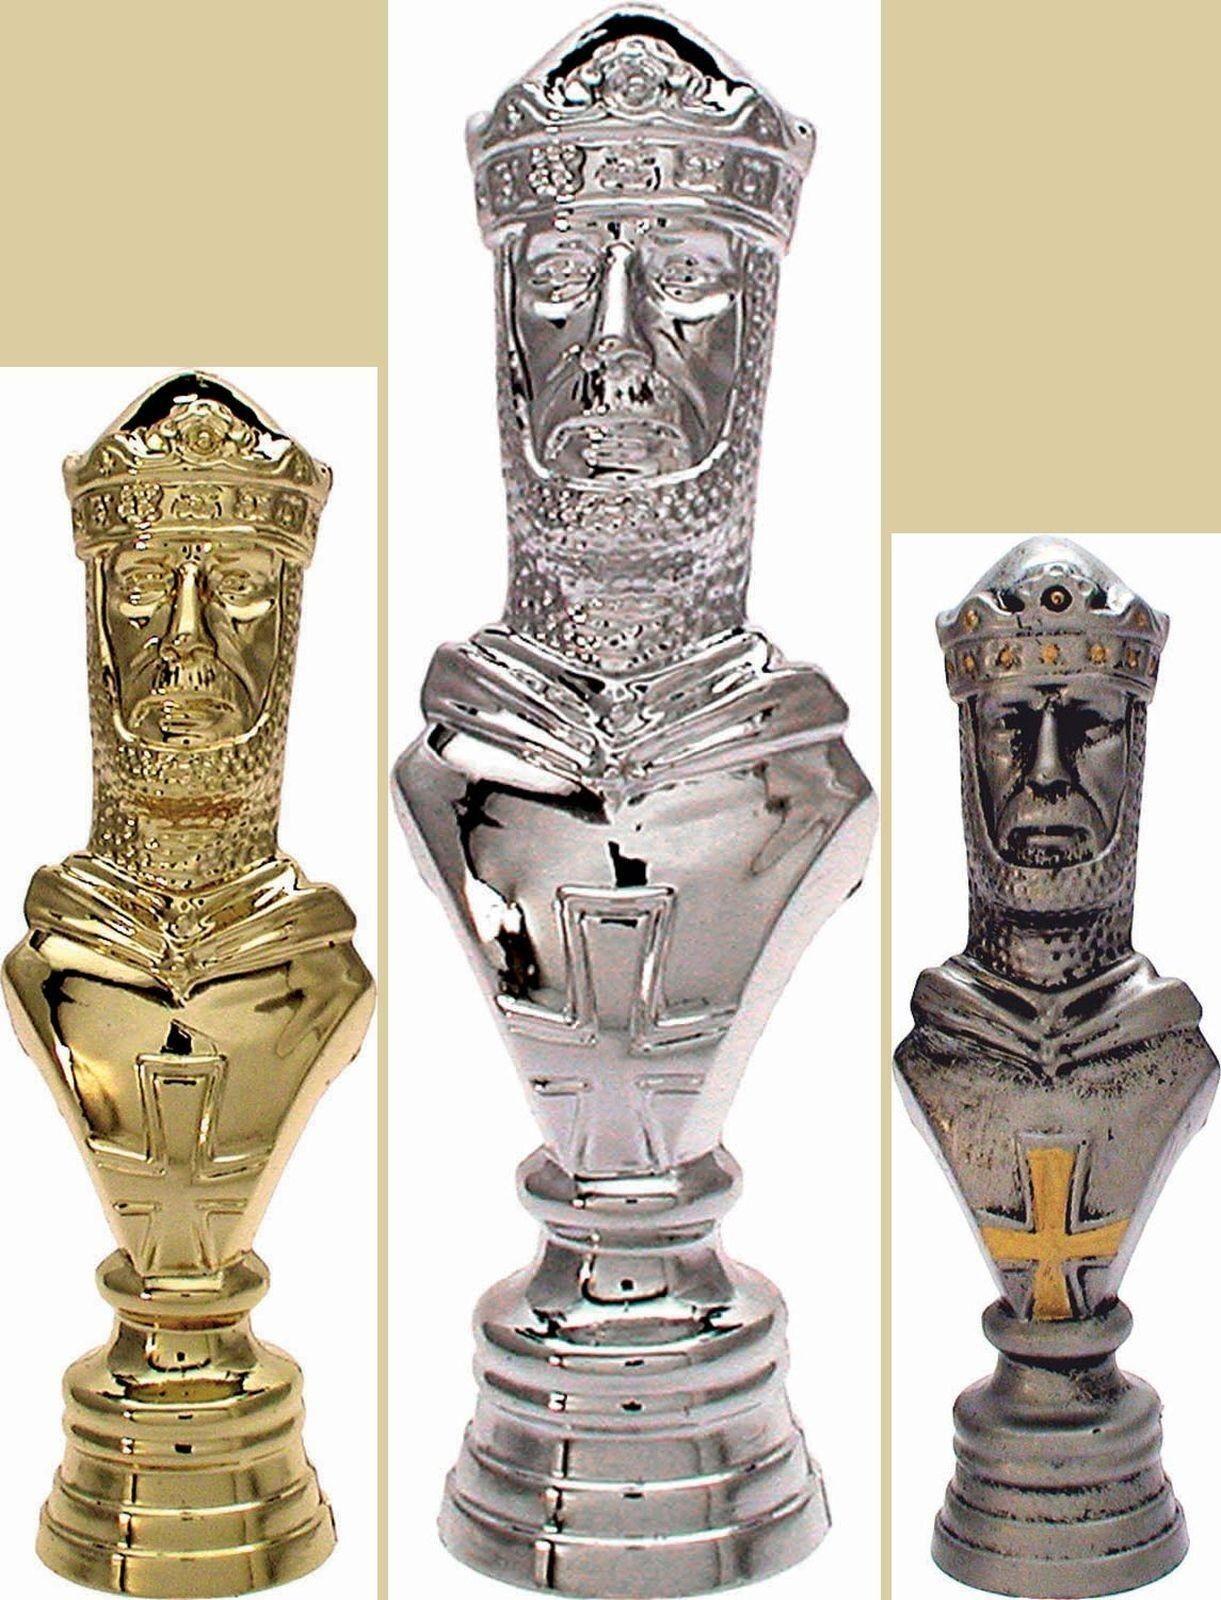 12 figuras de ajedrez rey 3d con mármol zócalo 16,5cm (trofeos torneo relámpago)